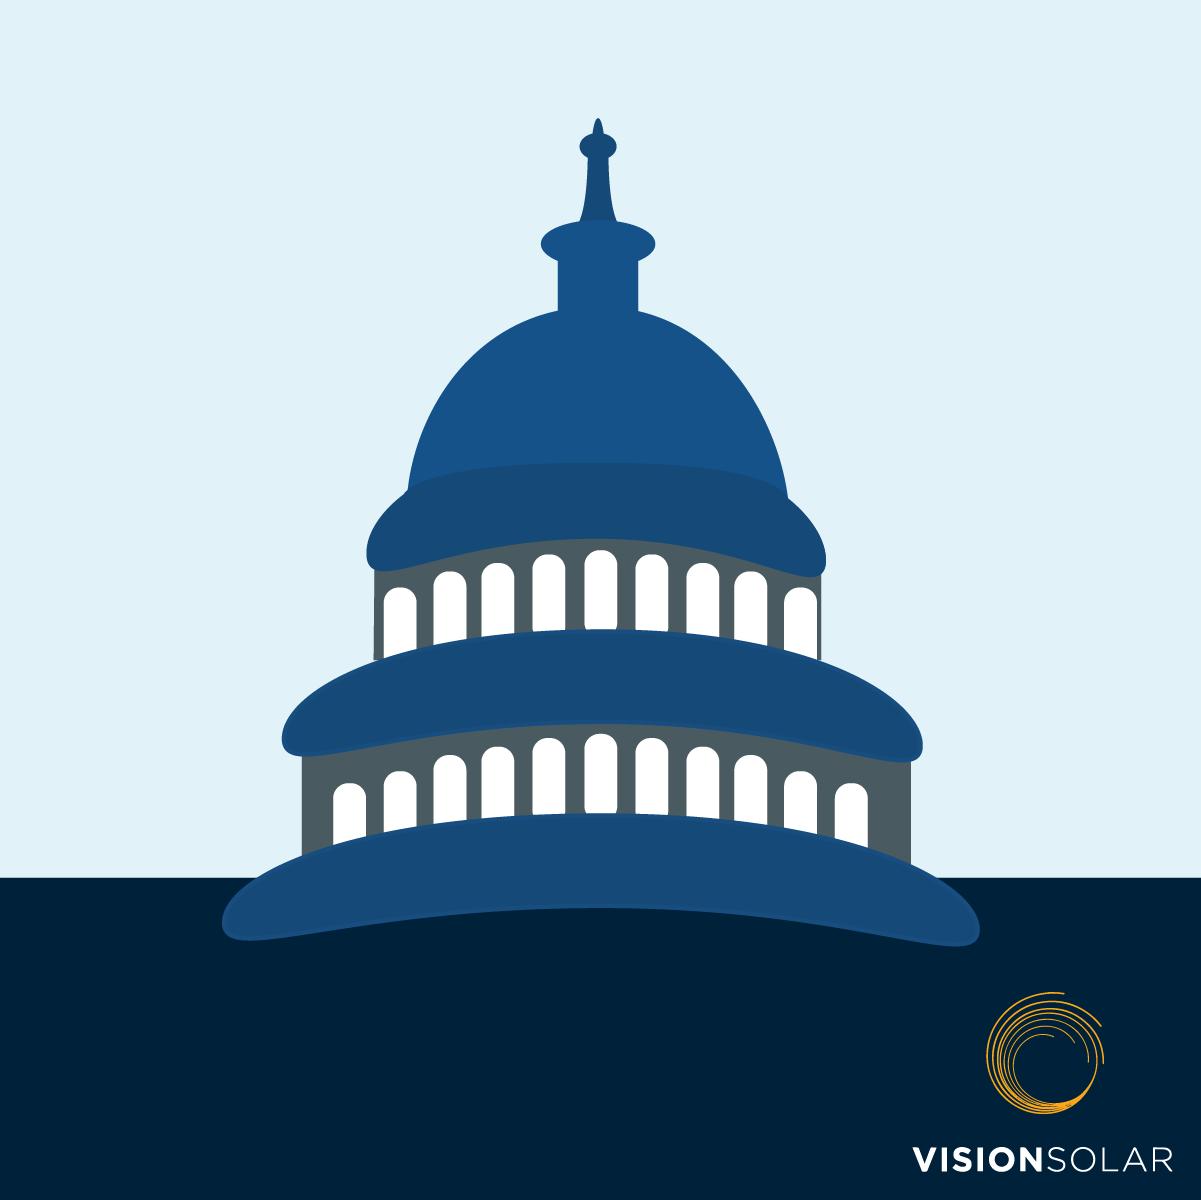 Vision Solar : Federal Solar Tax Credit